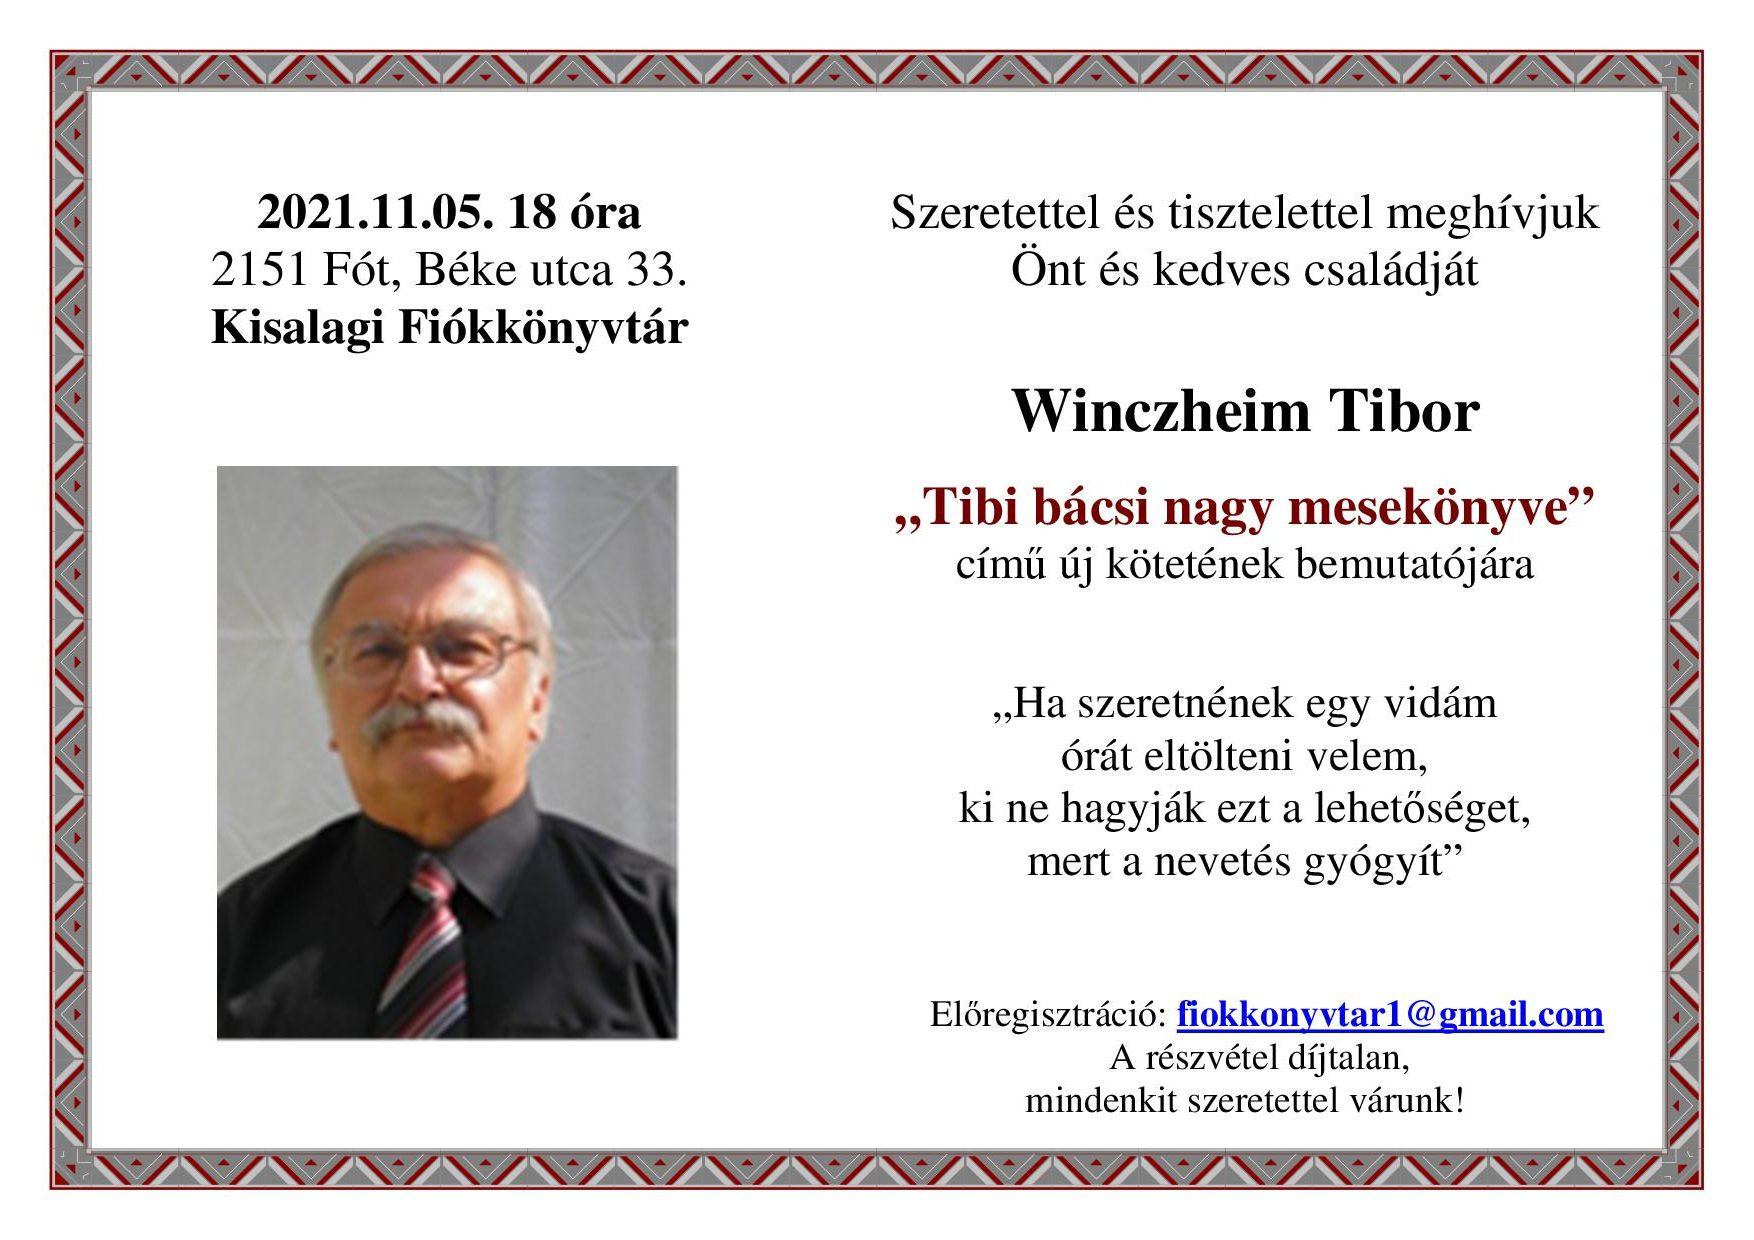 Winczheim Tibor irodalmi estje nagy betűkkel